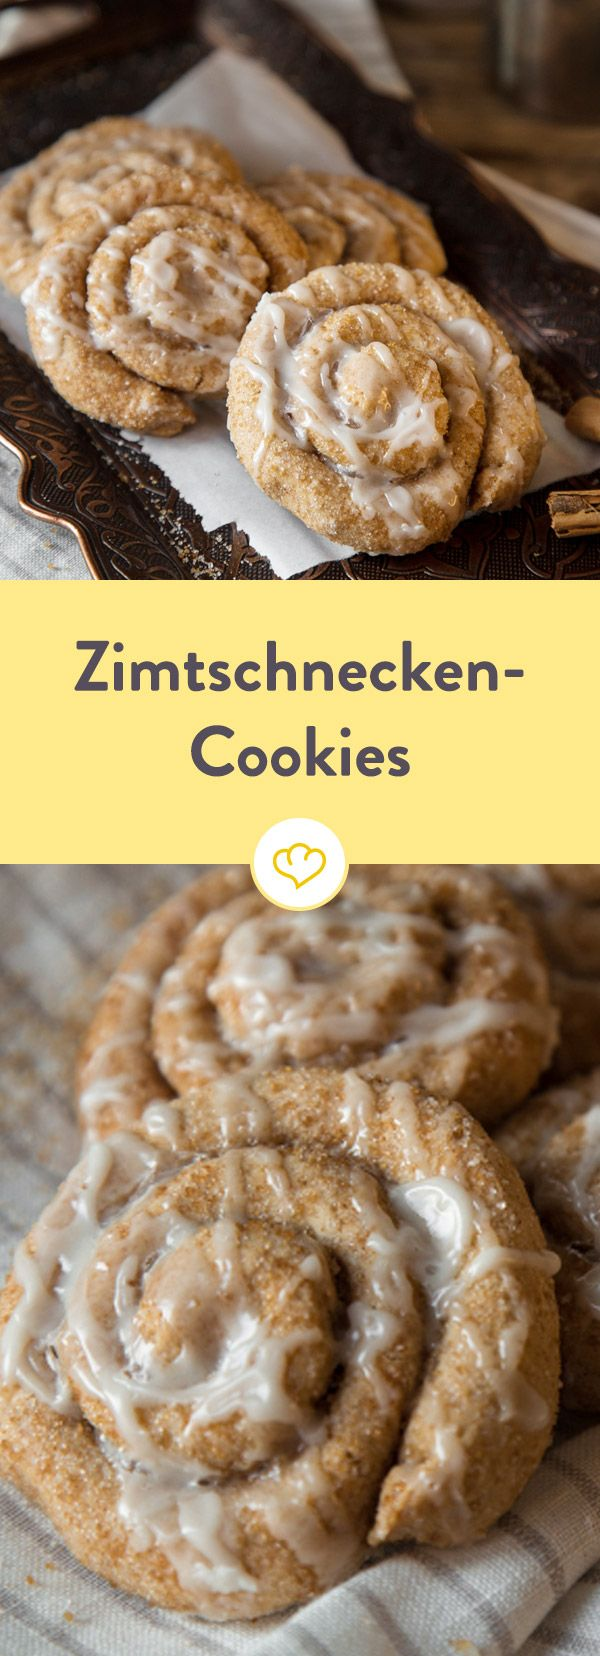 Wenn dir der Duft von Zimt um die Nase weht, weißt du, dass dich nur Gutes erwarten kann. Mit diesen Zimtschnecken Cookies versüßt du jeden grauen Tag.